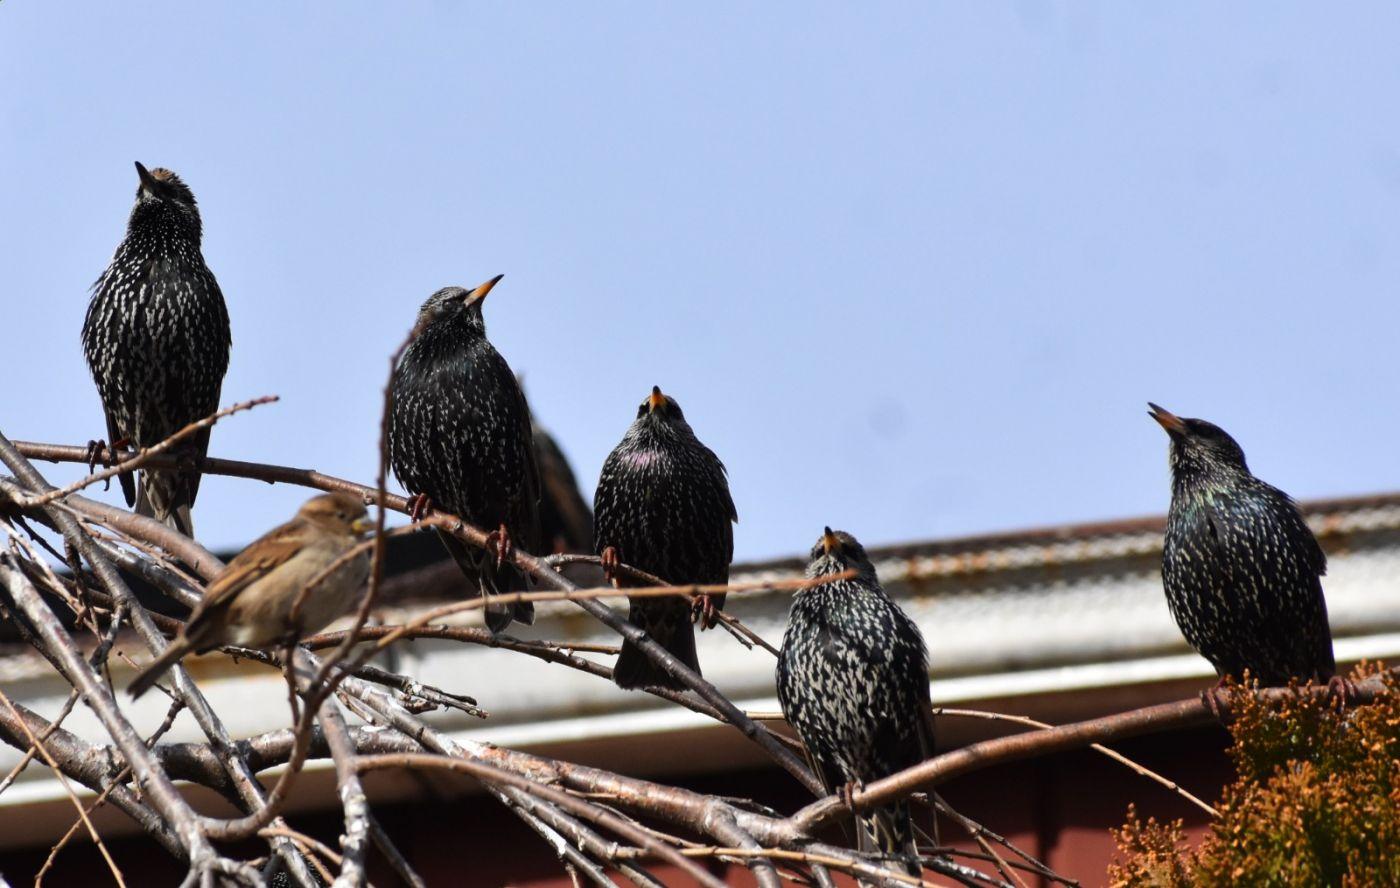 紫翅椋鸟_图1-24